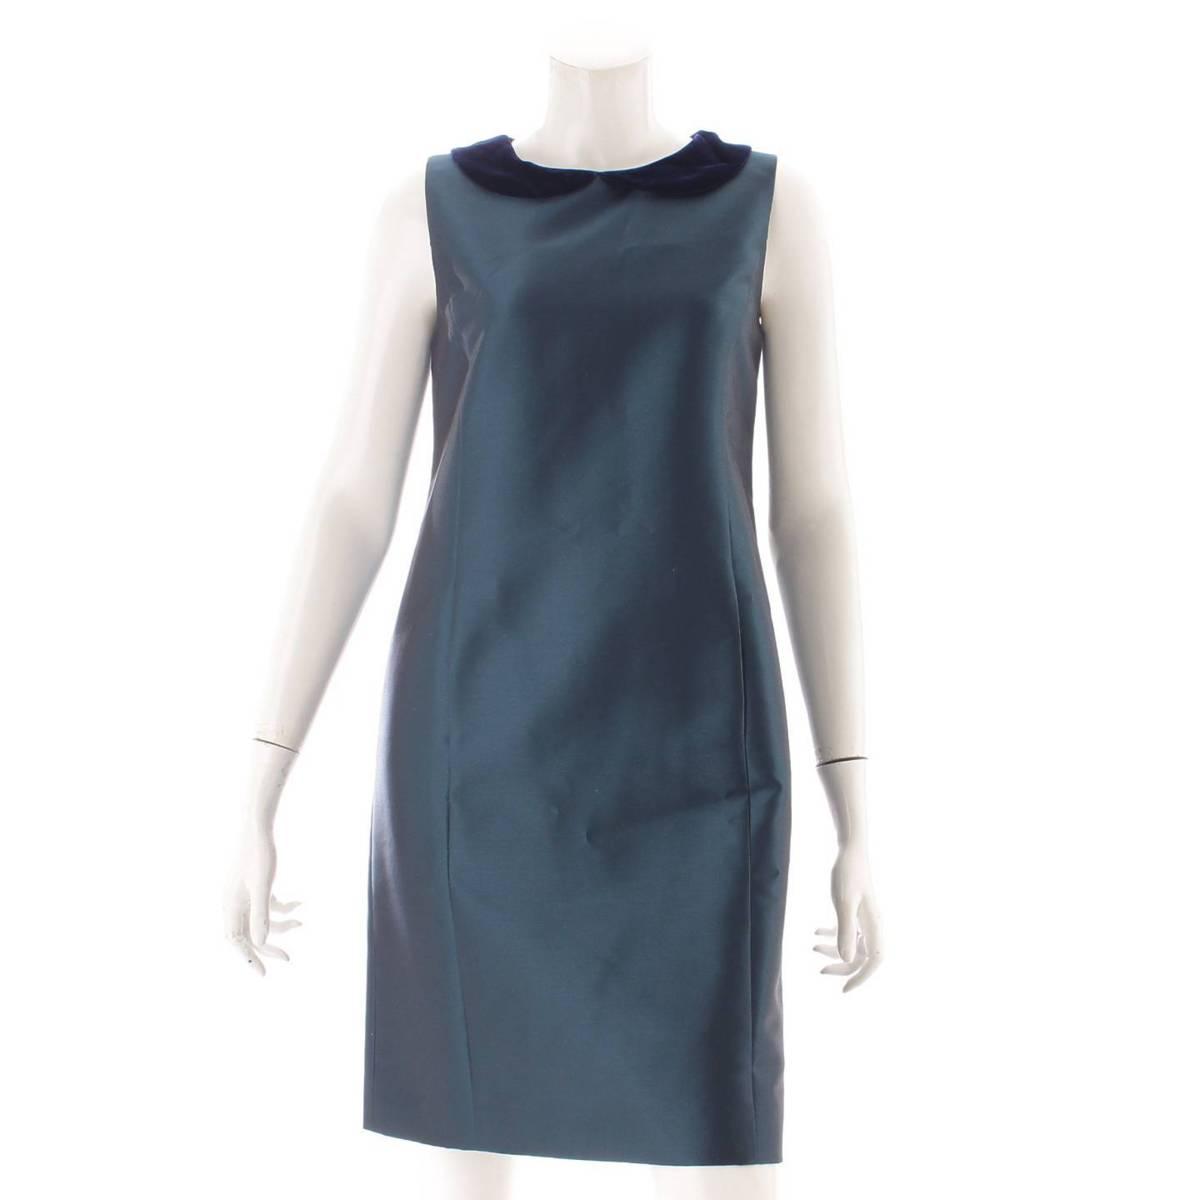 【フォクシー】Foxey デイジーリン シルク混 ベロア襟 ワンピース ドレス 32776 グリーン 40 【中古】【鑑定済・正規品保証】94354